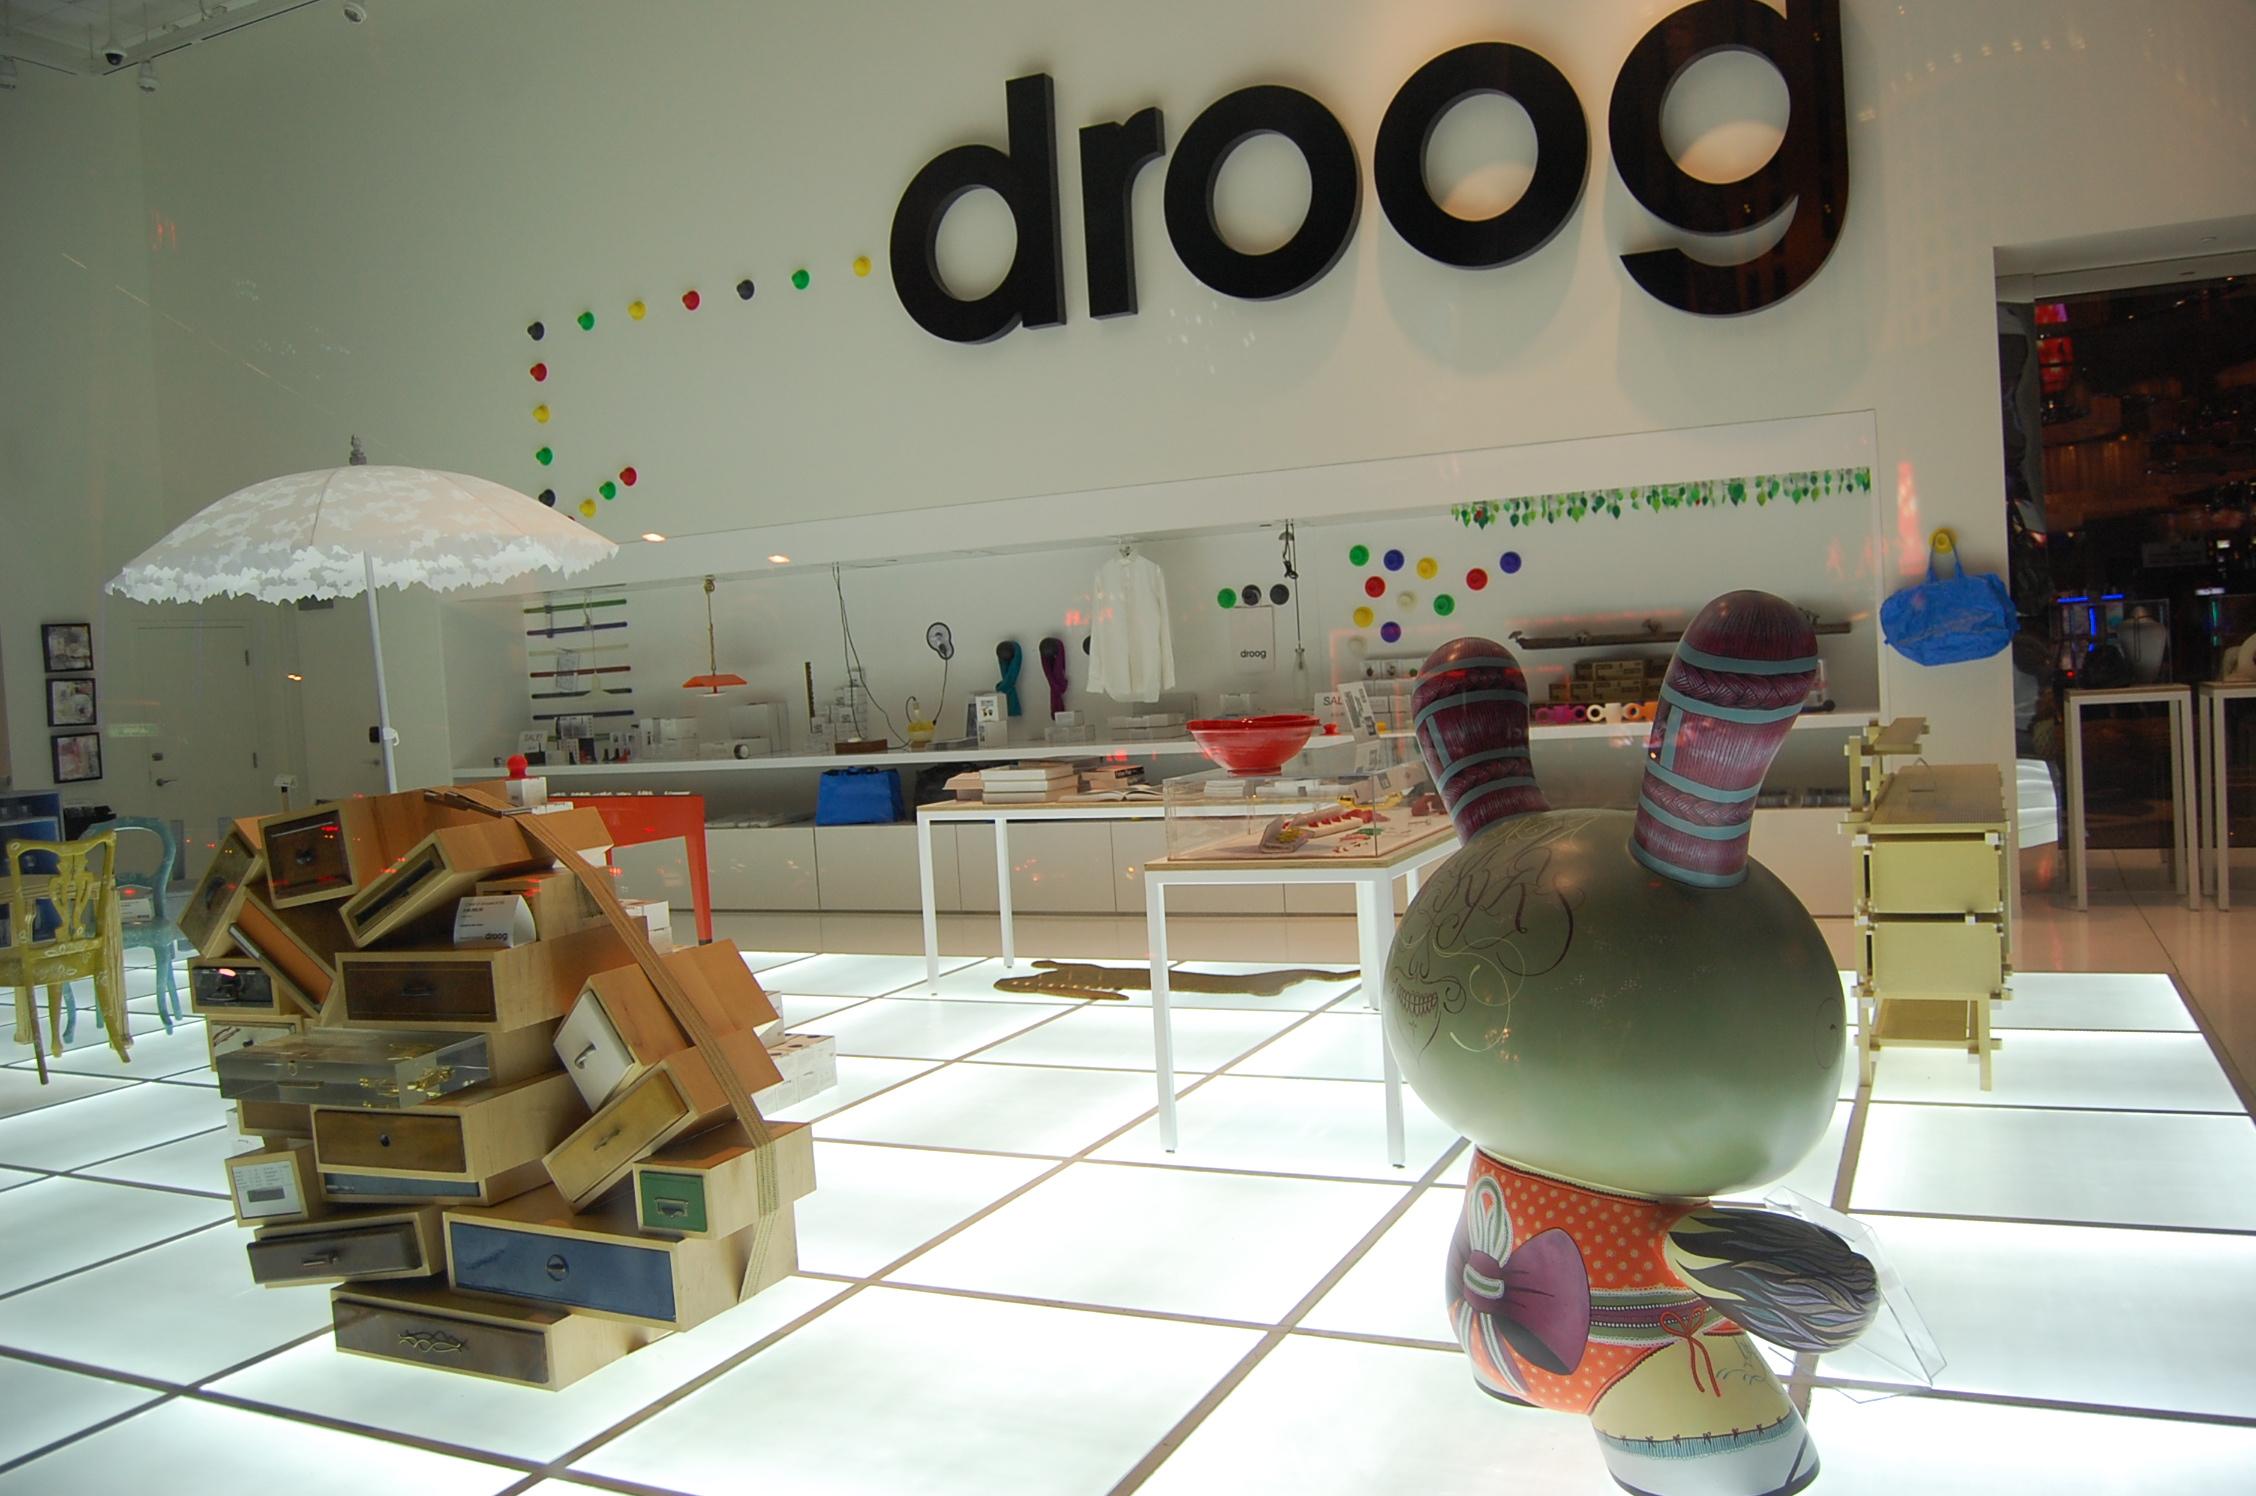 Droog – голландская студия современного дизайна, Амстердам